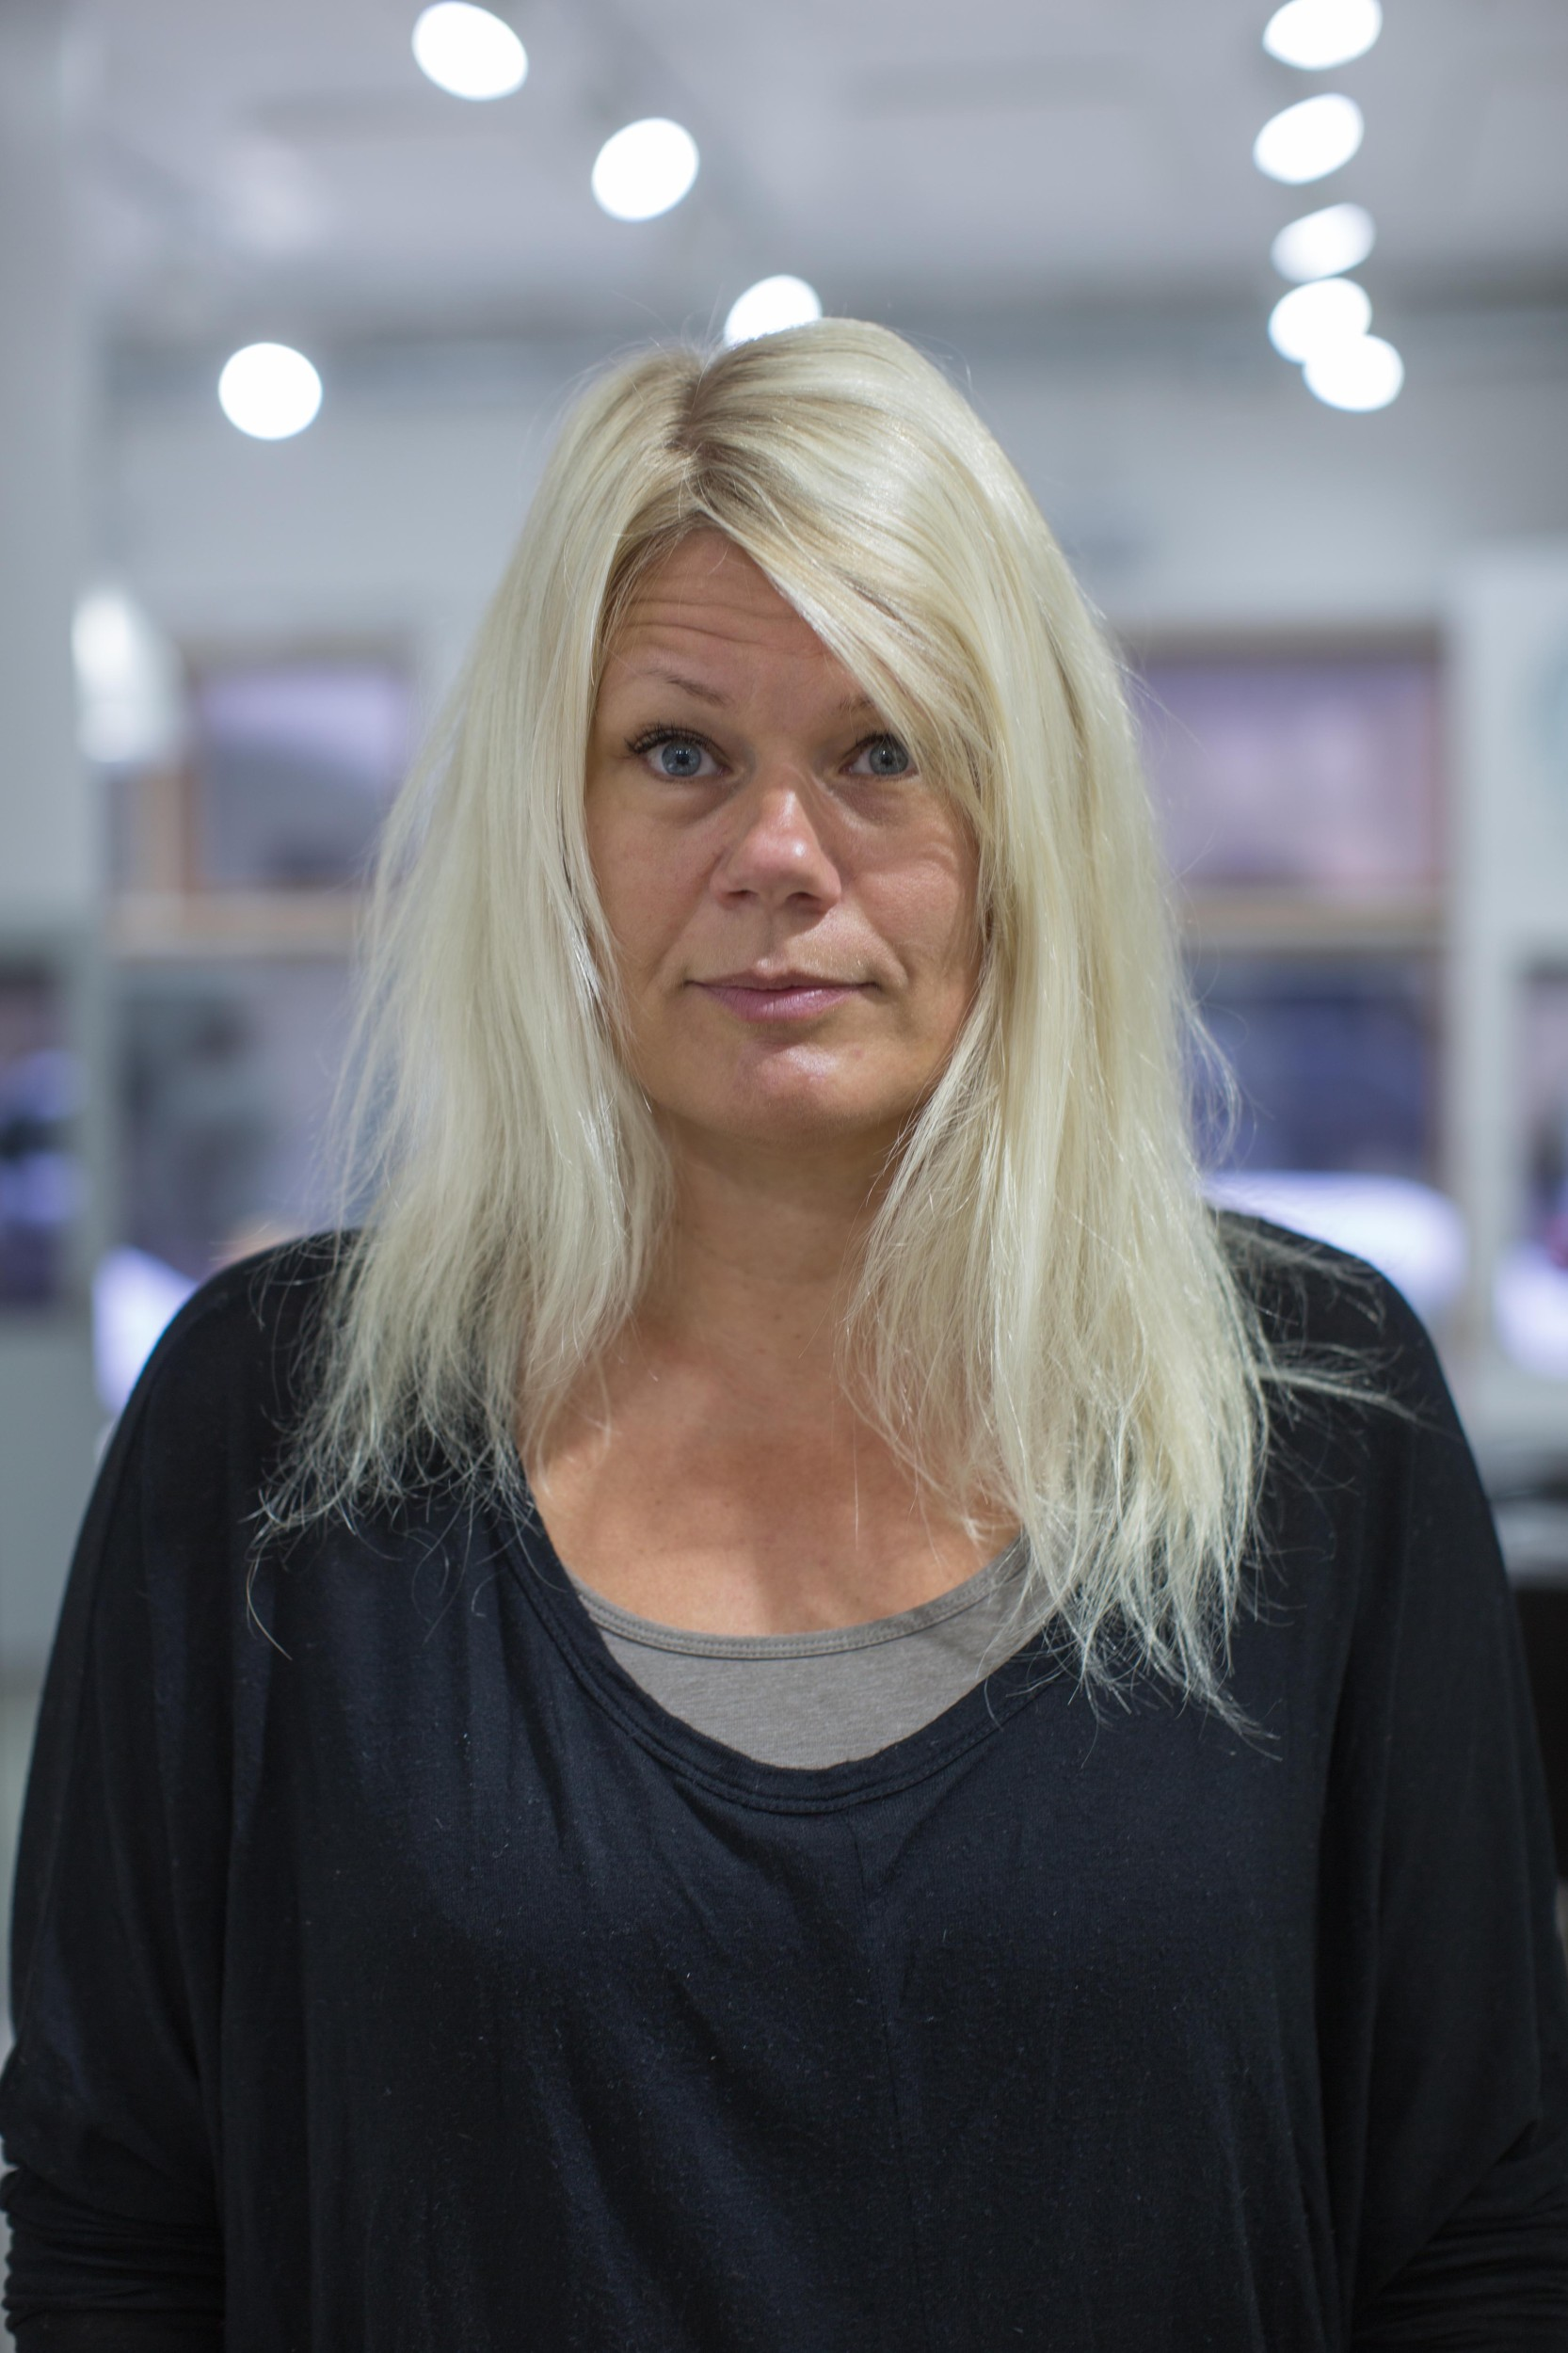 Heidi.blogi.ennen